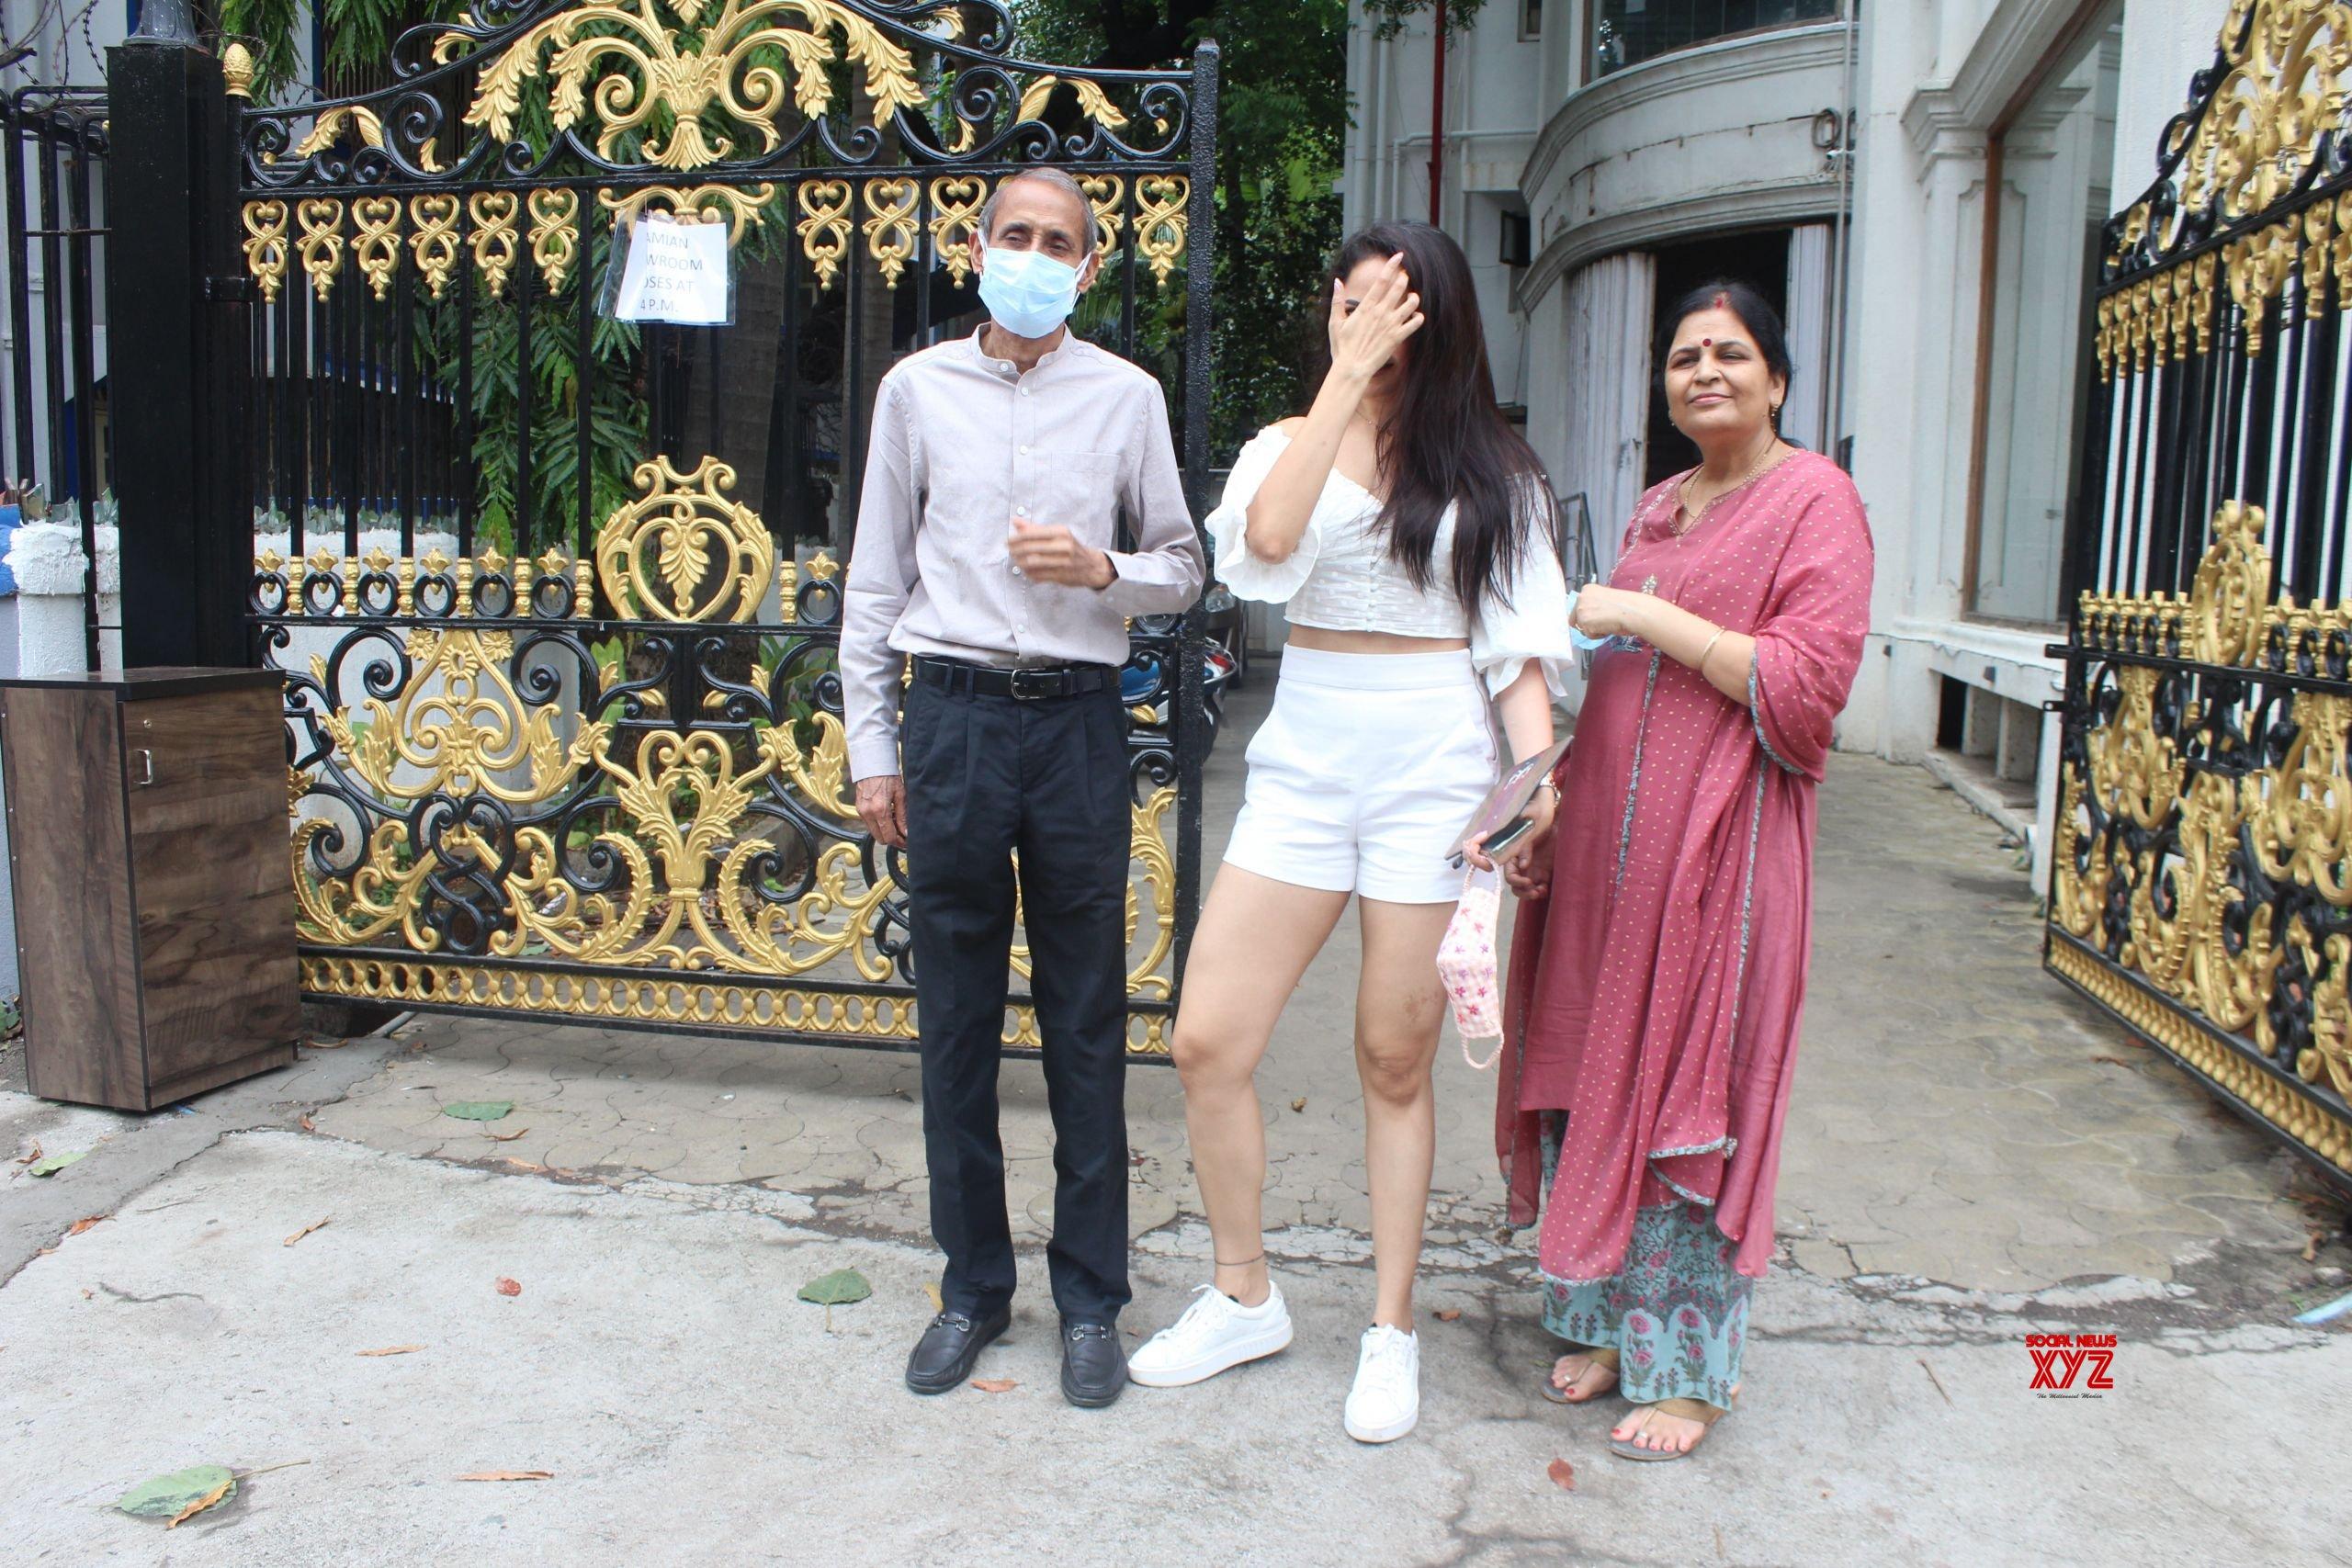 Actress Pragya Jaiswal Spotted Outside Royal China Restaurant Bandra - Gallery